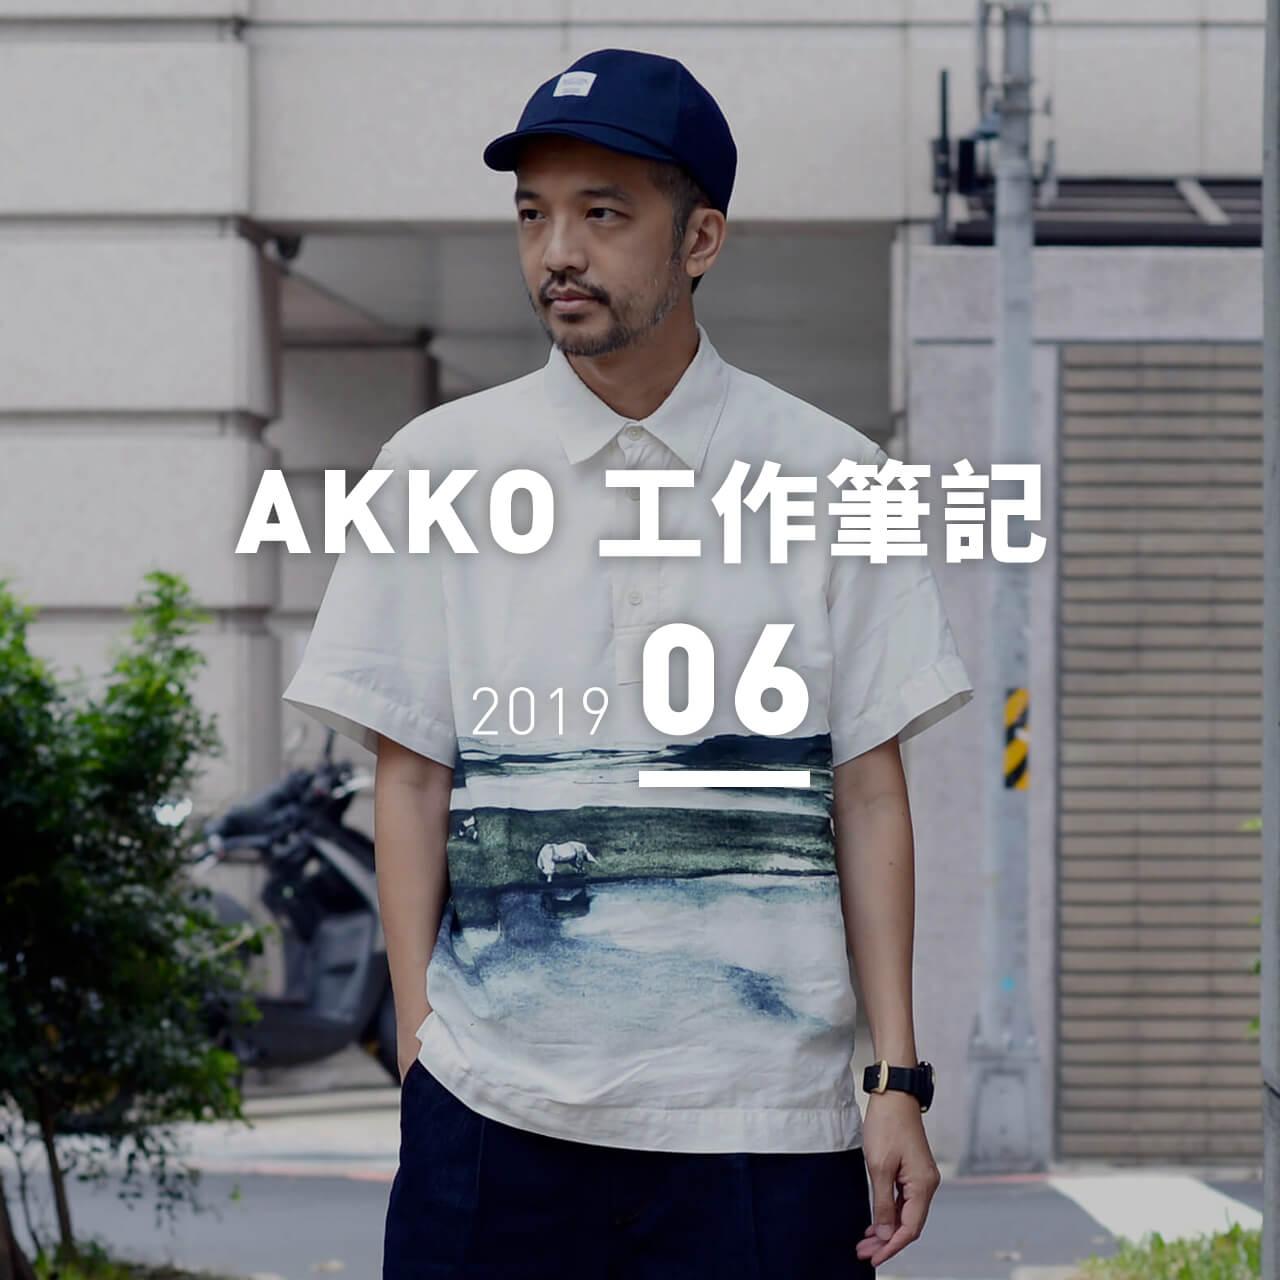 AKKO 工作筆記 201906